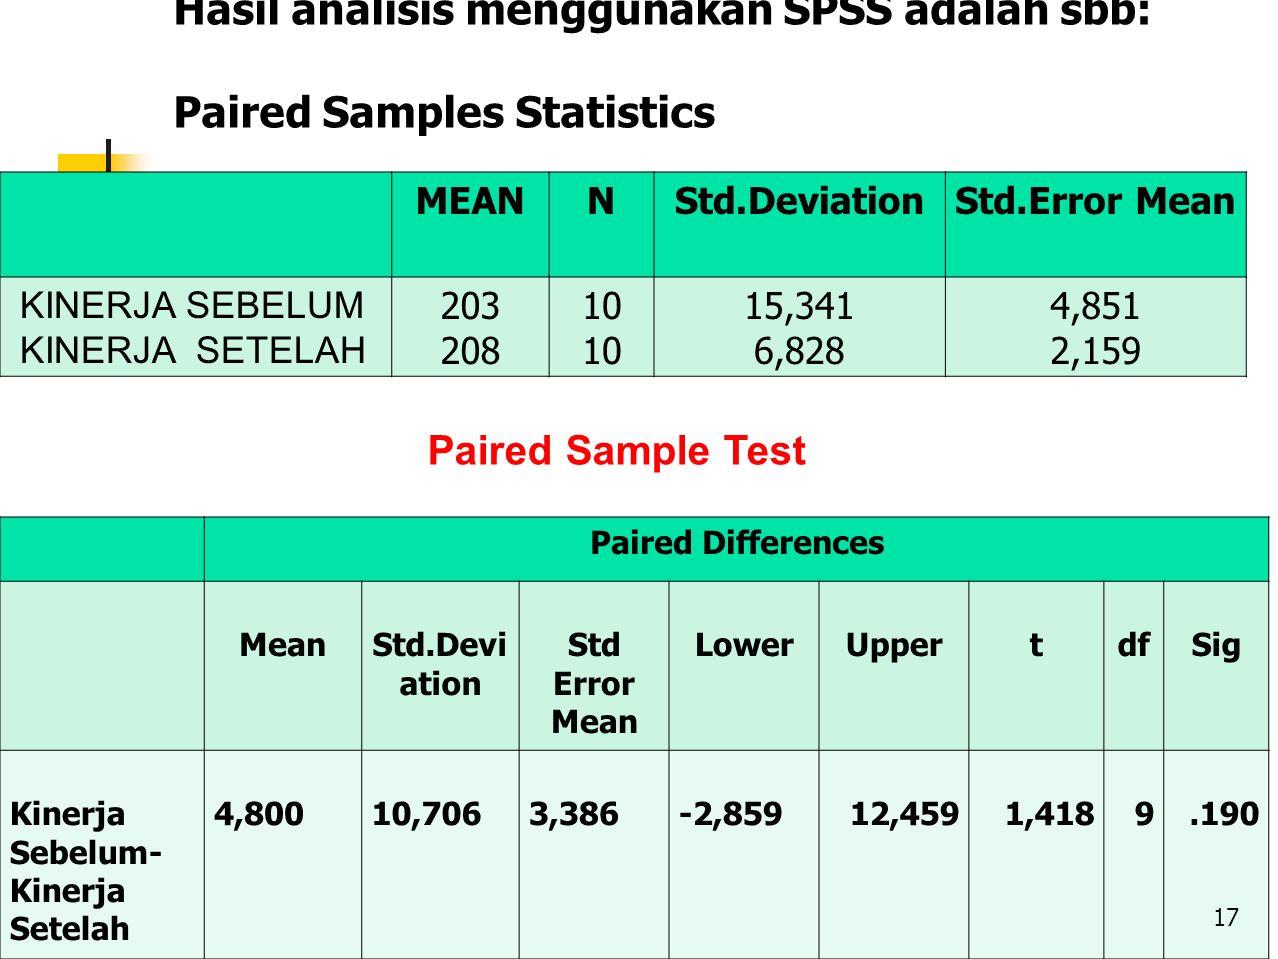 Hasil analisis menggunakan SPSS adalah sbb: Paired Samples Statistics MEANNStd.DeviationStd.Error Mean KINERJA SEBELUM KINERJA SETELAH 203 208 10 15,3